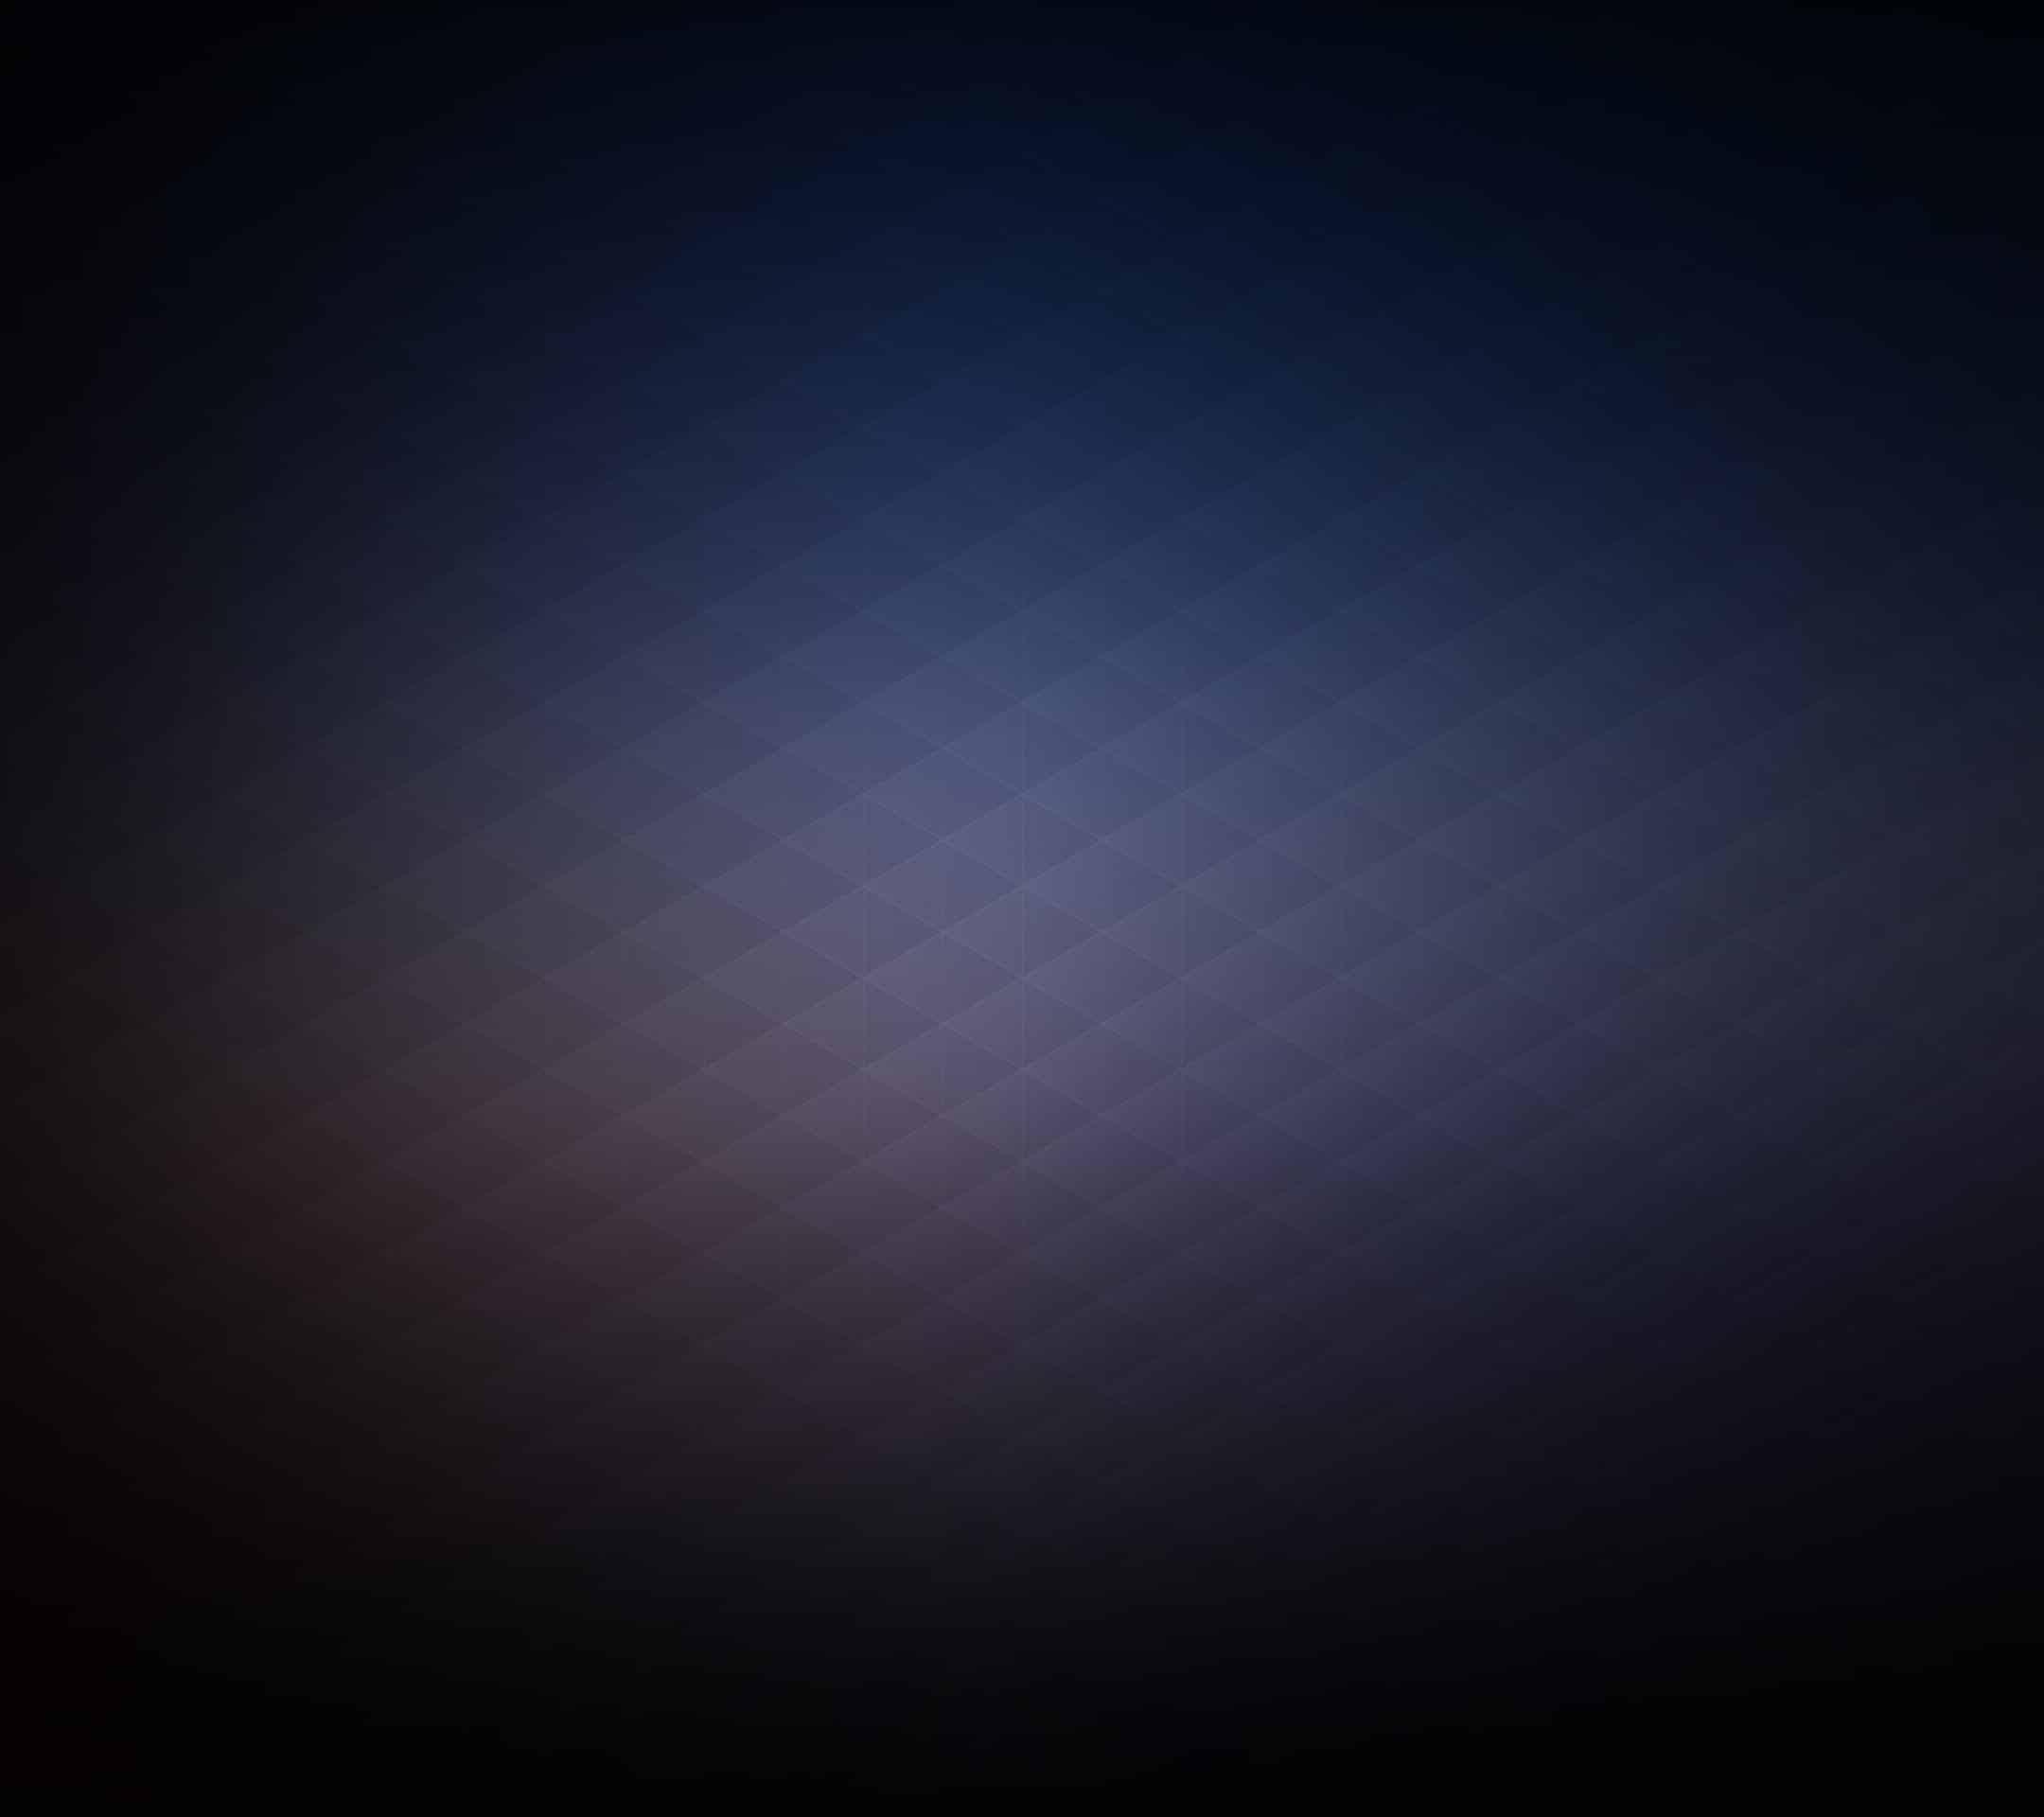 diwali 2015 hd wallpapers 1080p